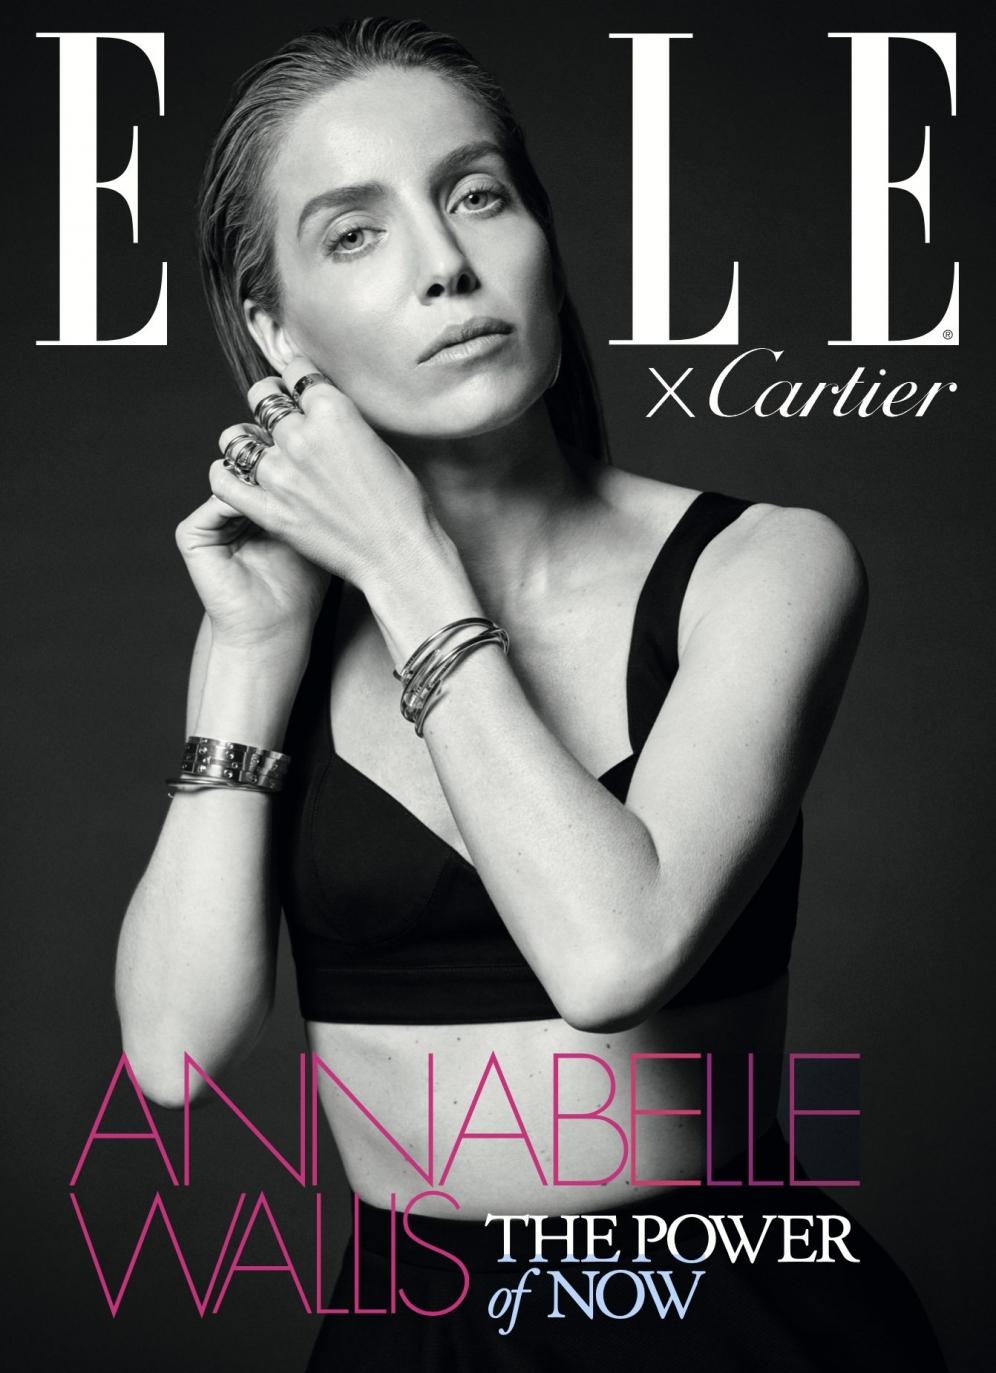 Elle x Cartier